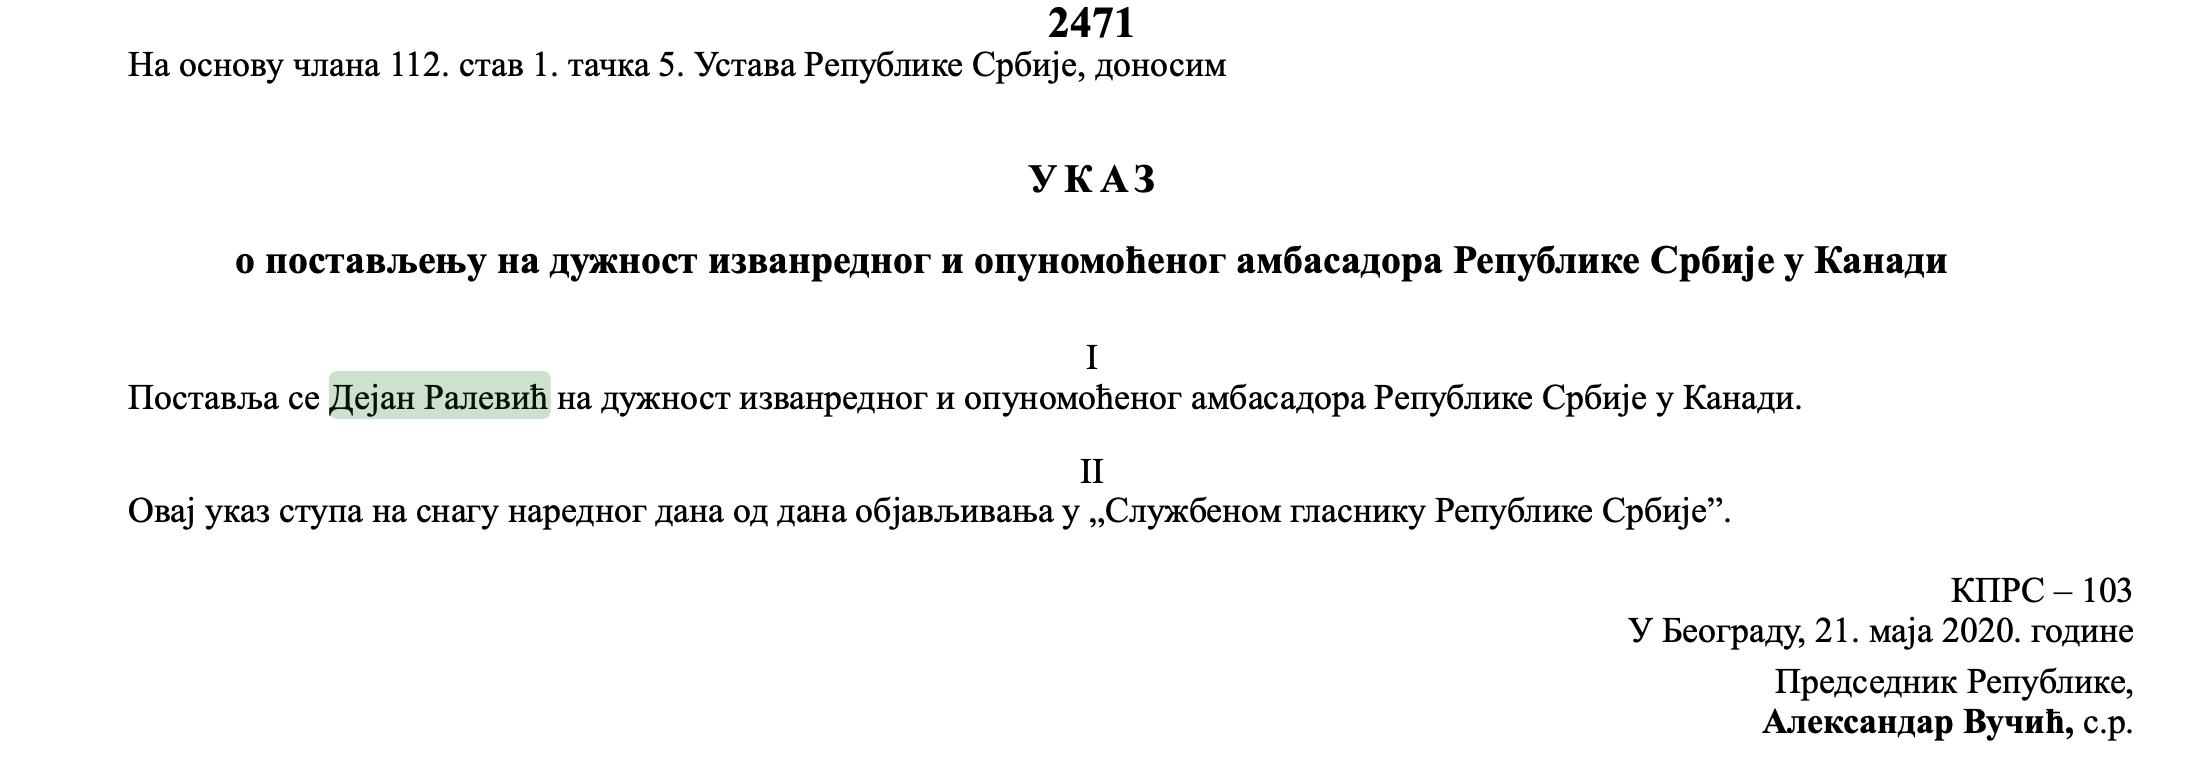 ukaz imenovanje dejan ralević ambasada srbije u kanadi